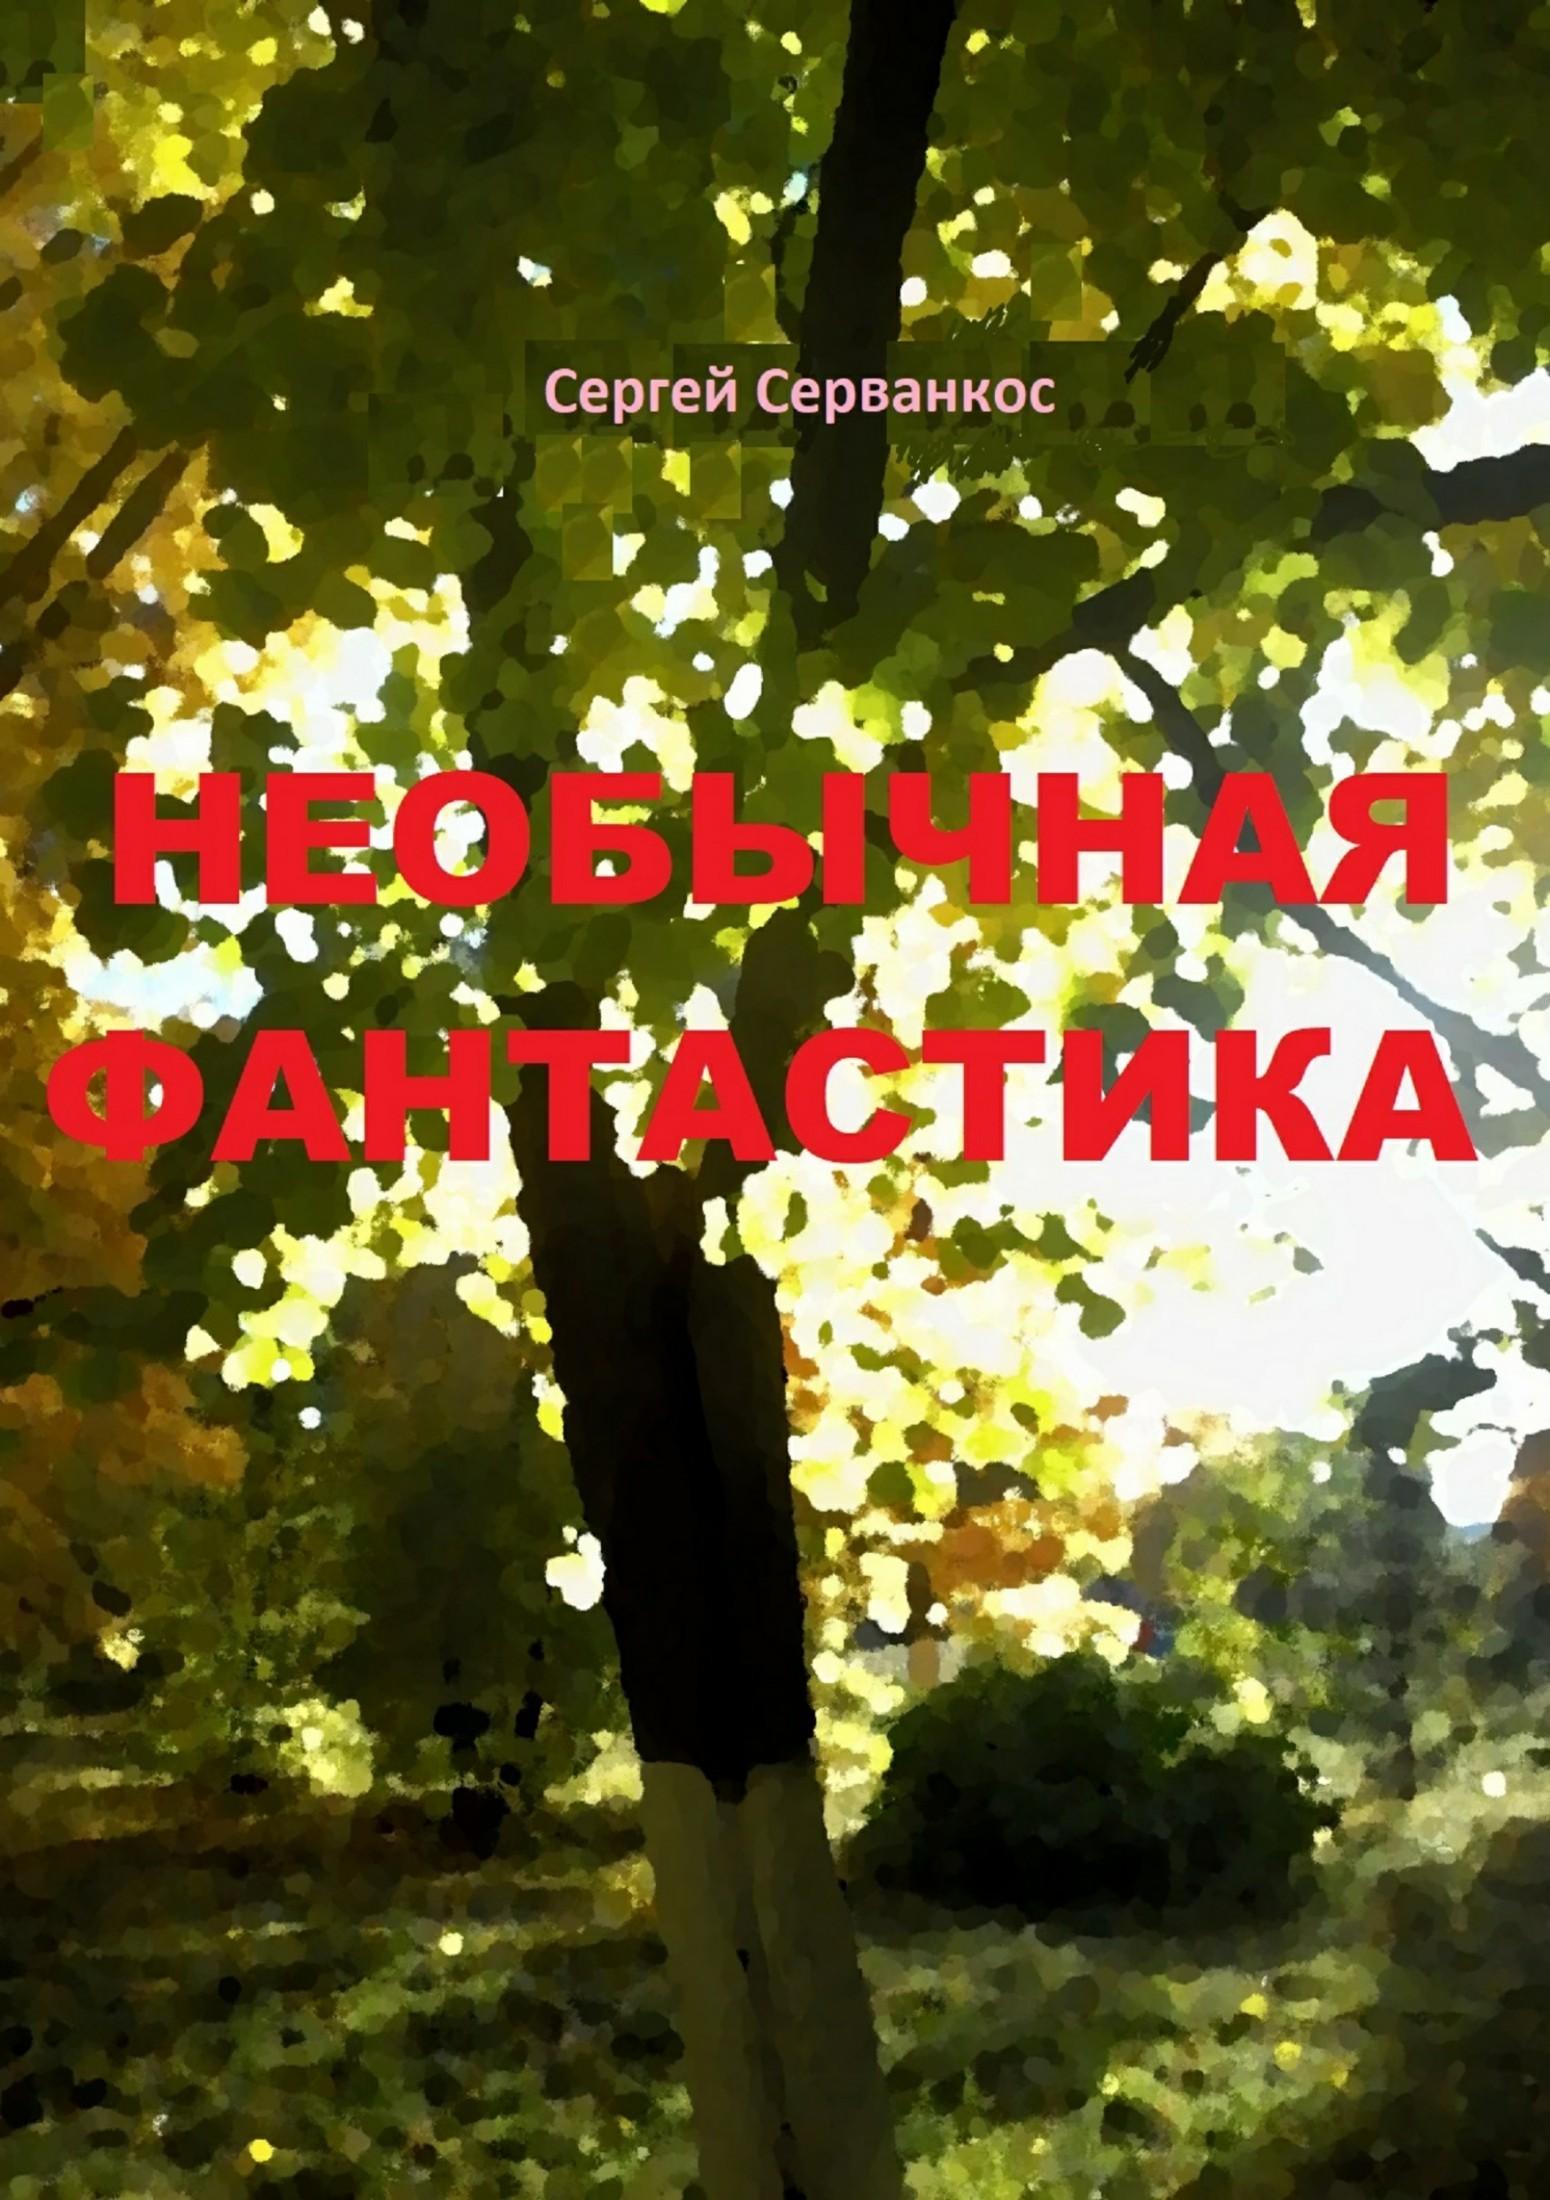 Сергей Иванович Серванкос Необычная фантастика. Повести сергей серванкос размышления дилетанта теологические вопросы